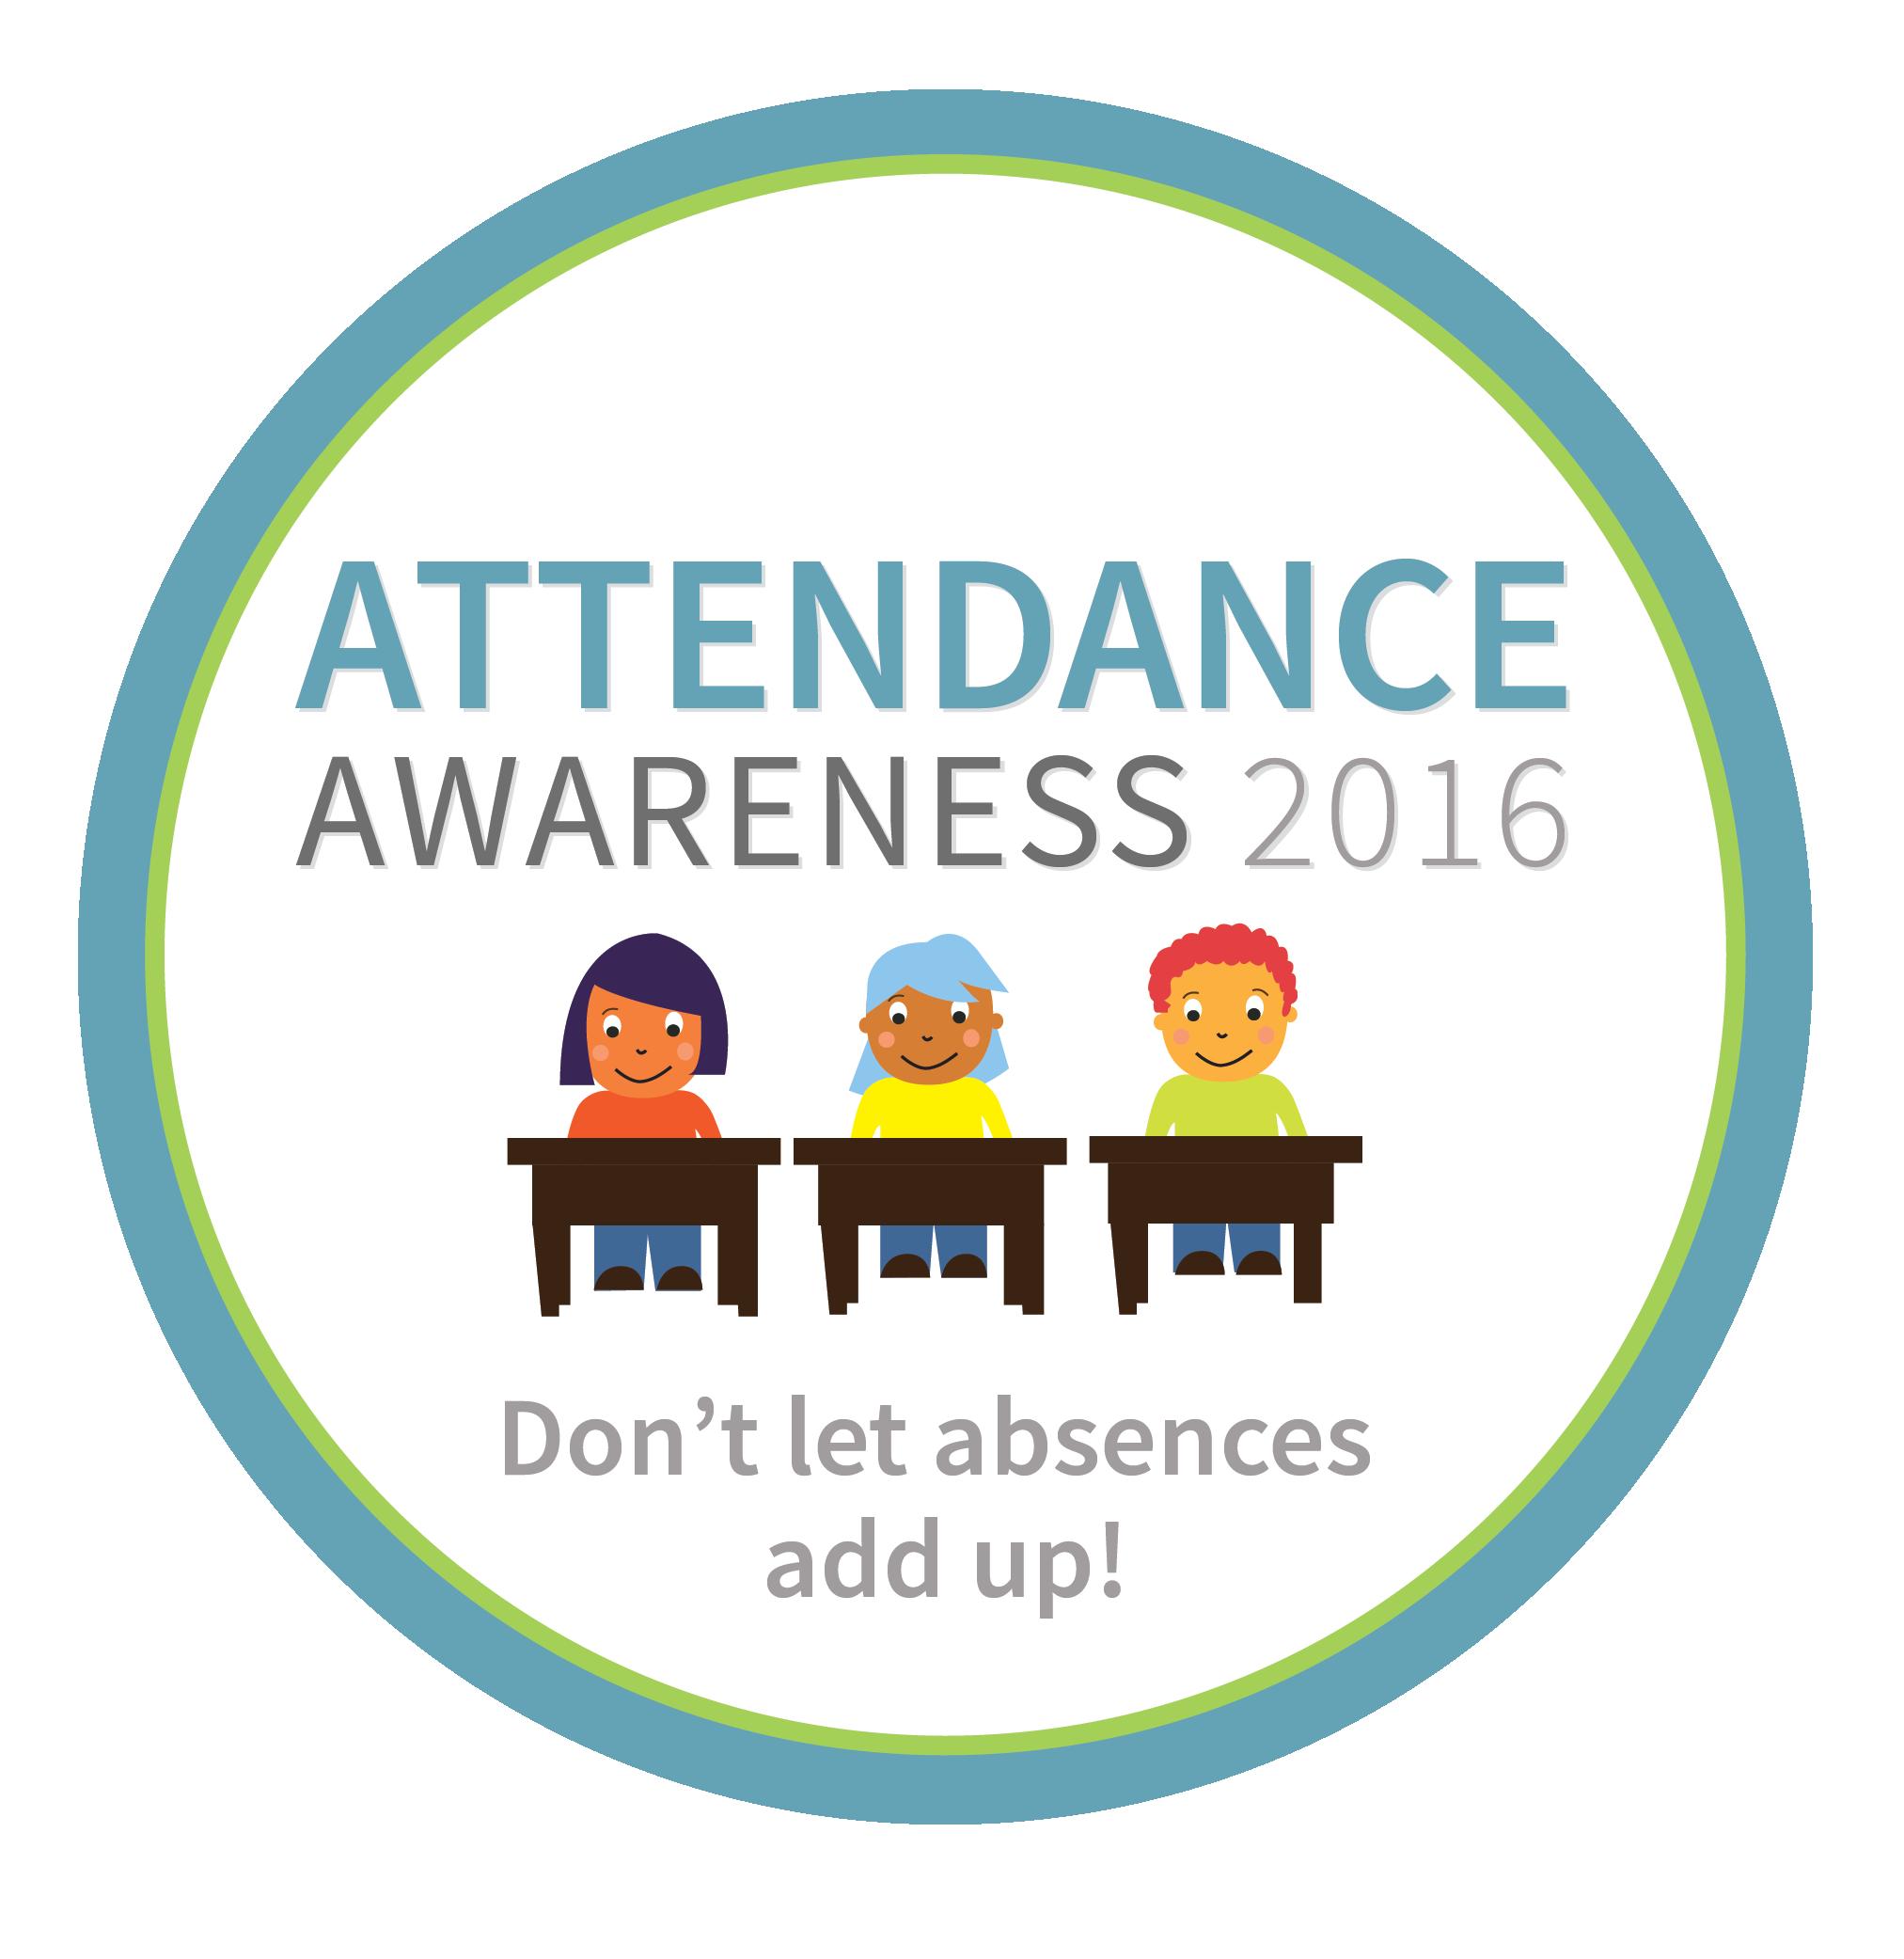 School attendance clipart vector transparent stock Attendance clipart attendance matters FREE for download on rpelm vector transparent stock